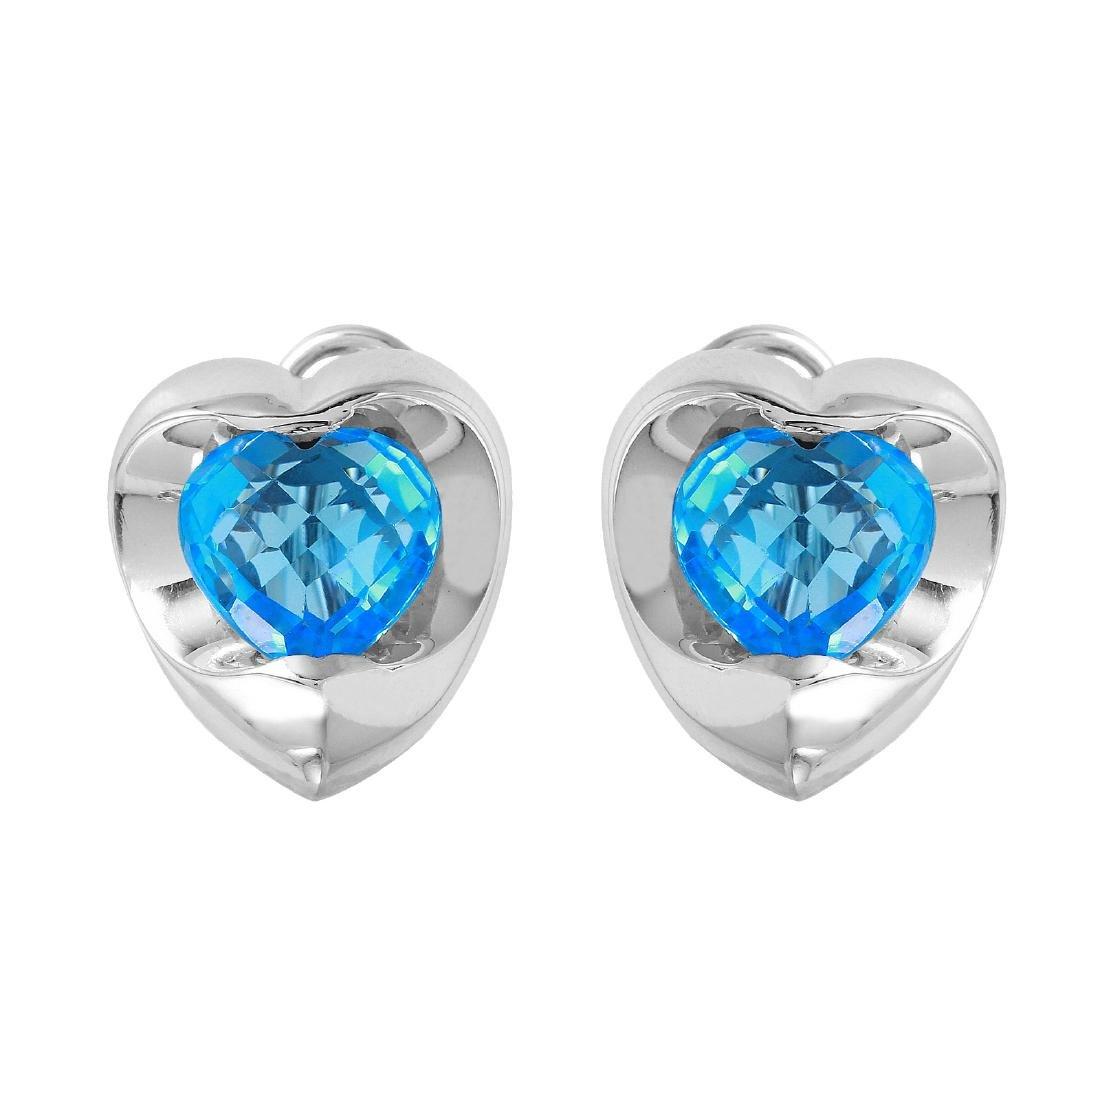 14KT White Gold Topaz Double Heart Earrings